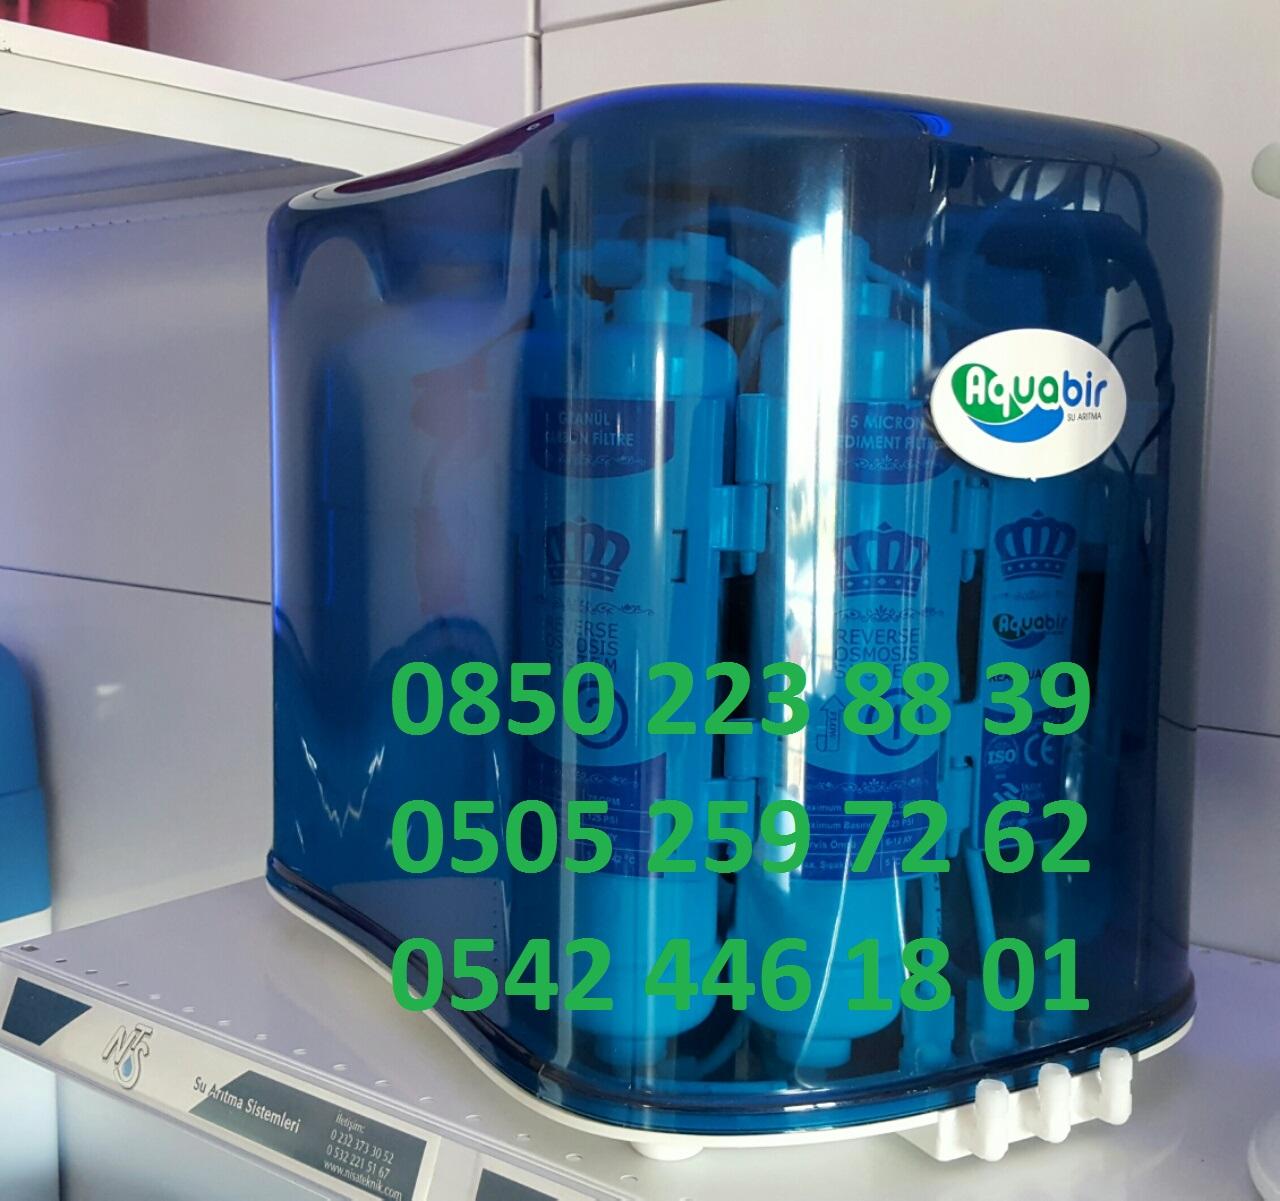 AquaBir Su Arıtma Cihazları